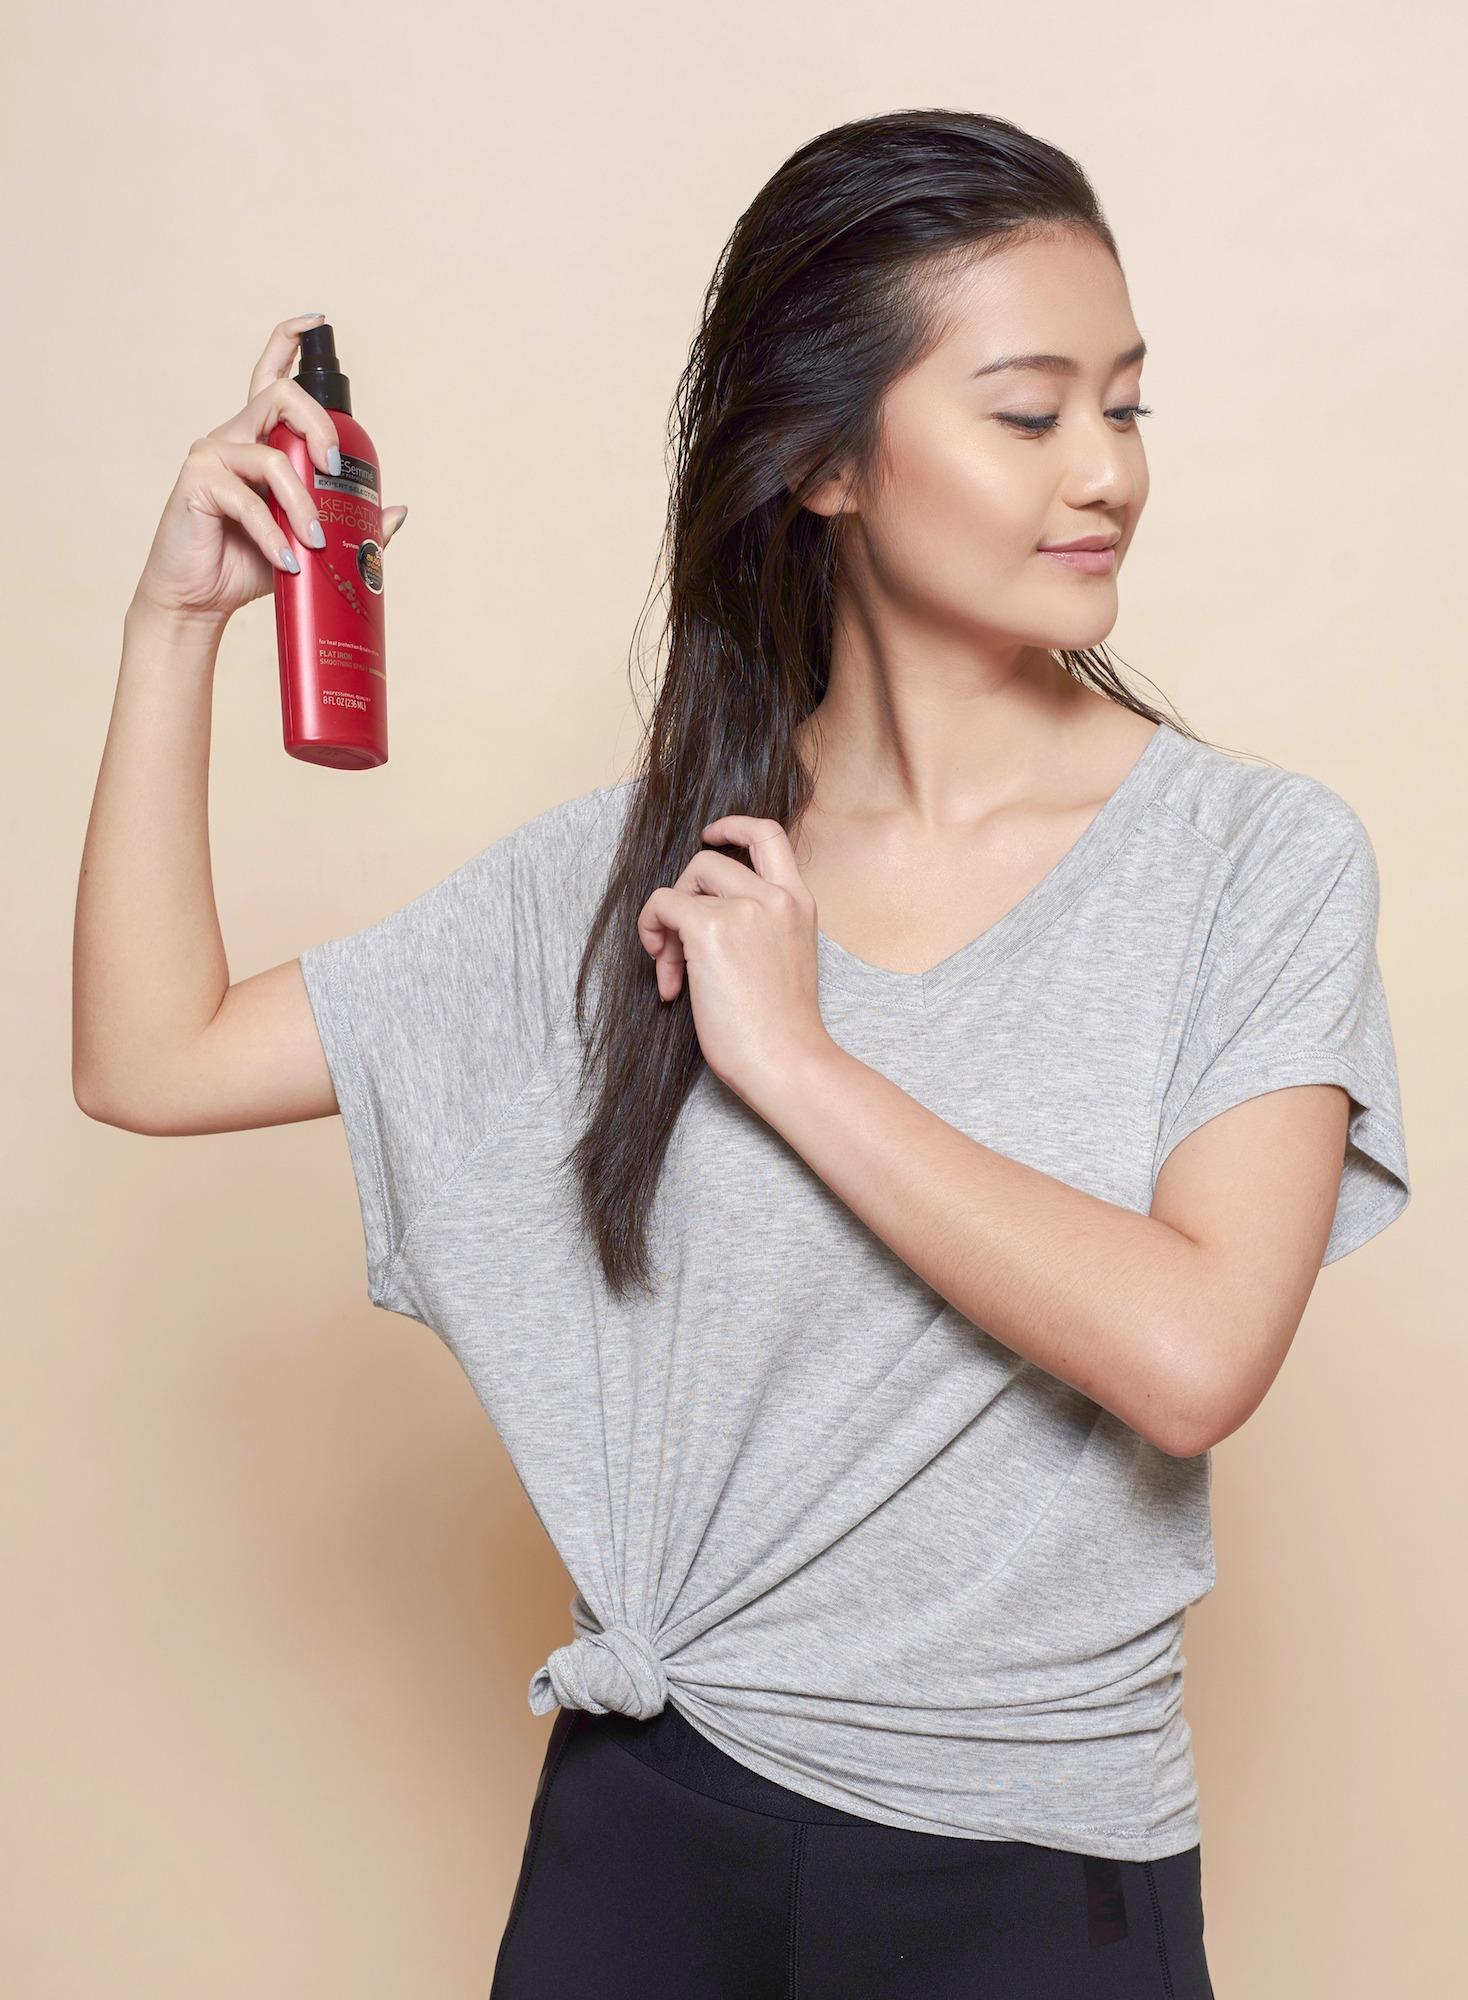 Rambut Menipis Karena Rontok Ini Kata Pakar Soal Penyebabnya